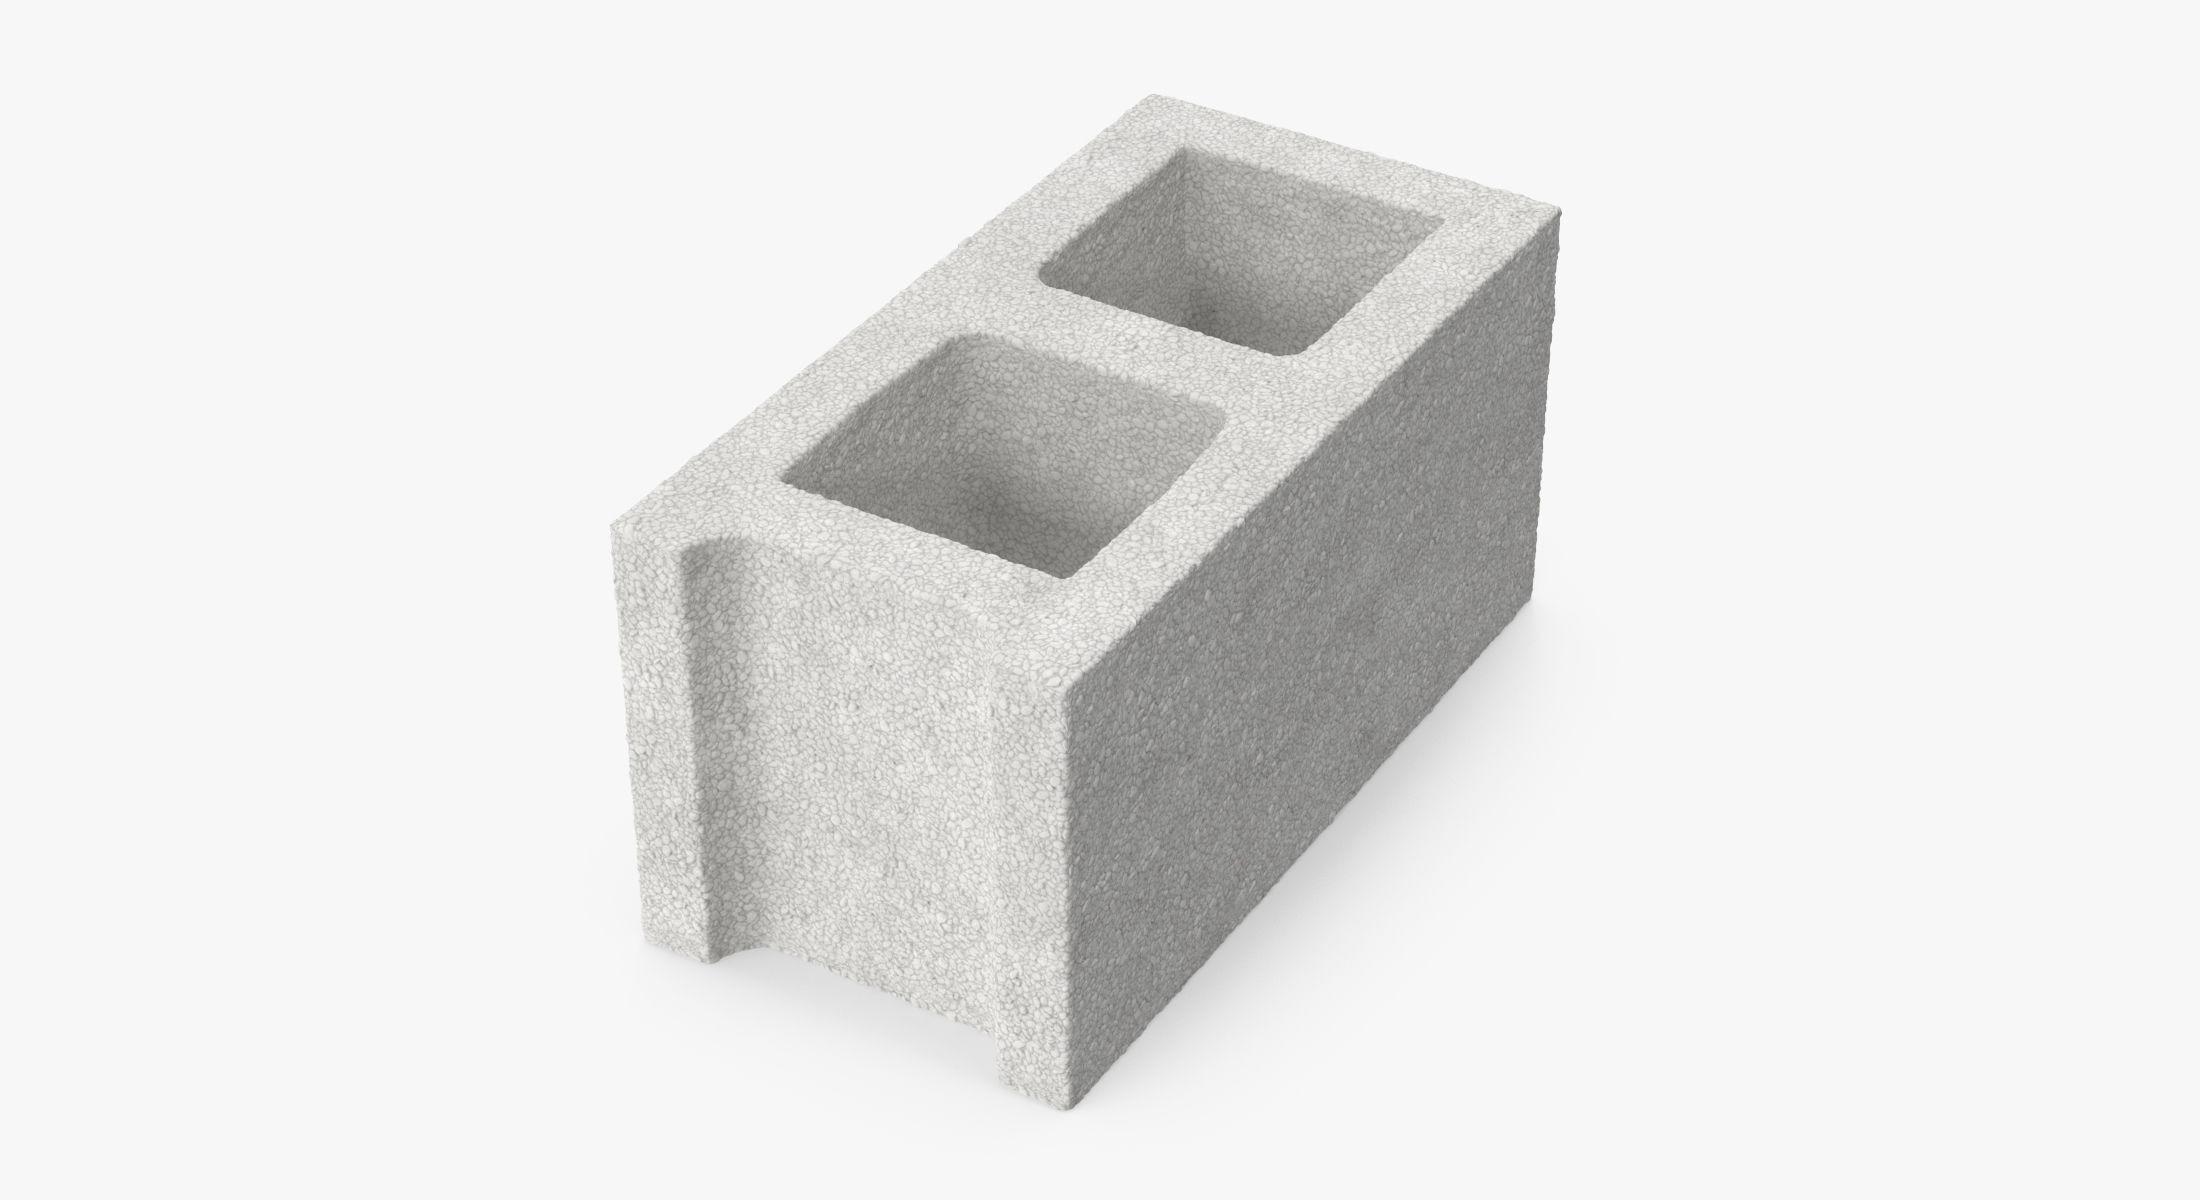 Cinder Block 01 - reel 1